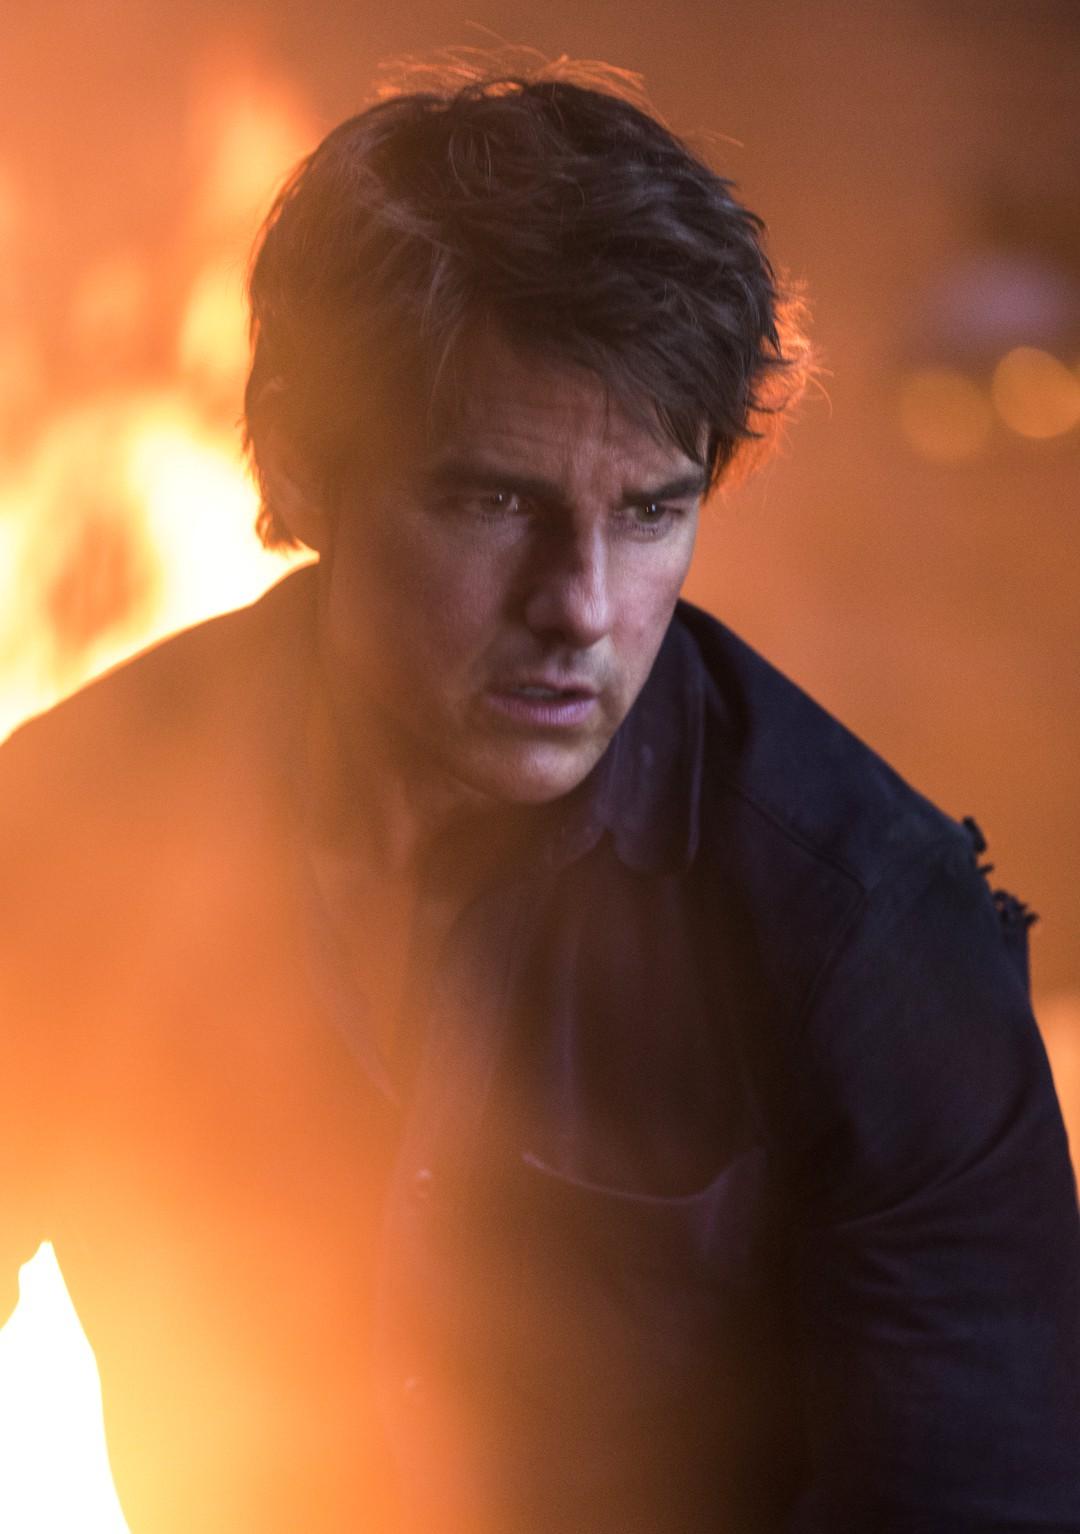 Tom Cruise im ersten deutschen Trailer zu Die Mumie 2017 - Bild 3 von 6